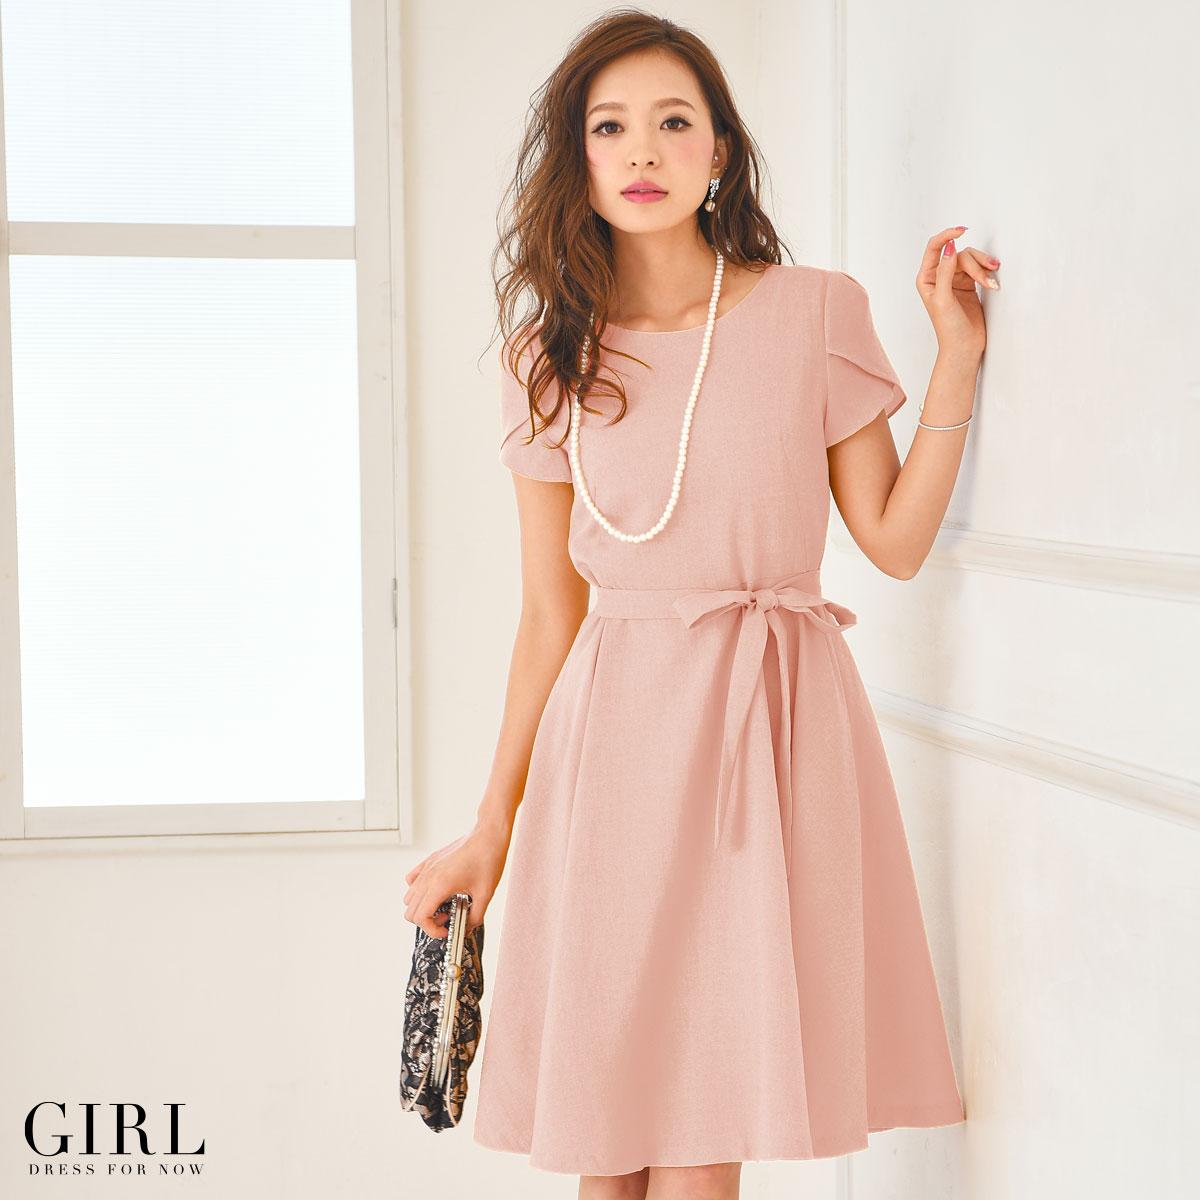 Dress shop GIRL | Rakuten Global Market: Prom dress one piece dress ...